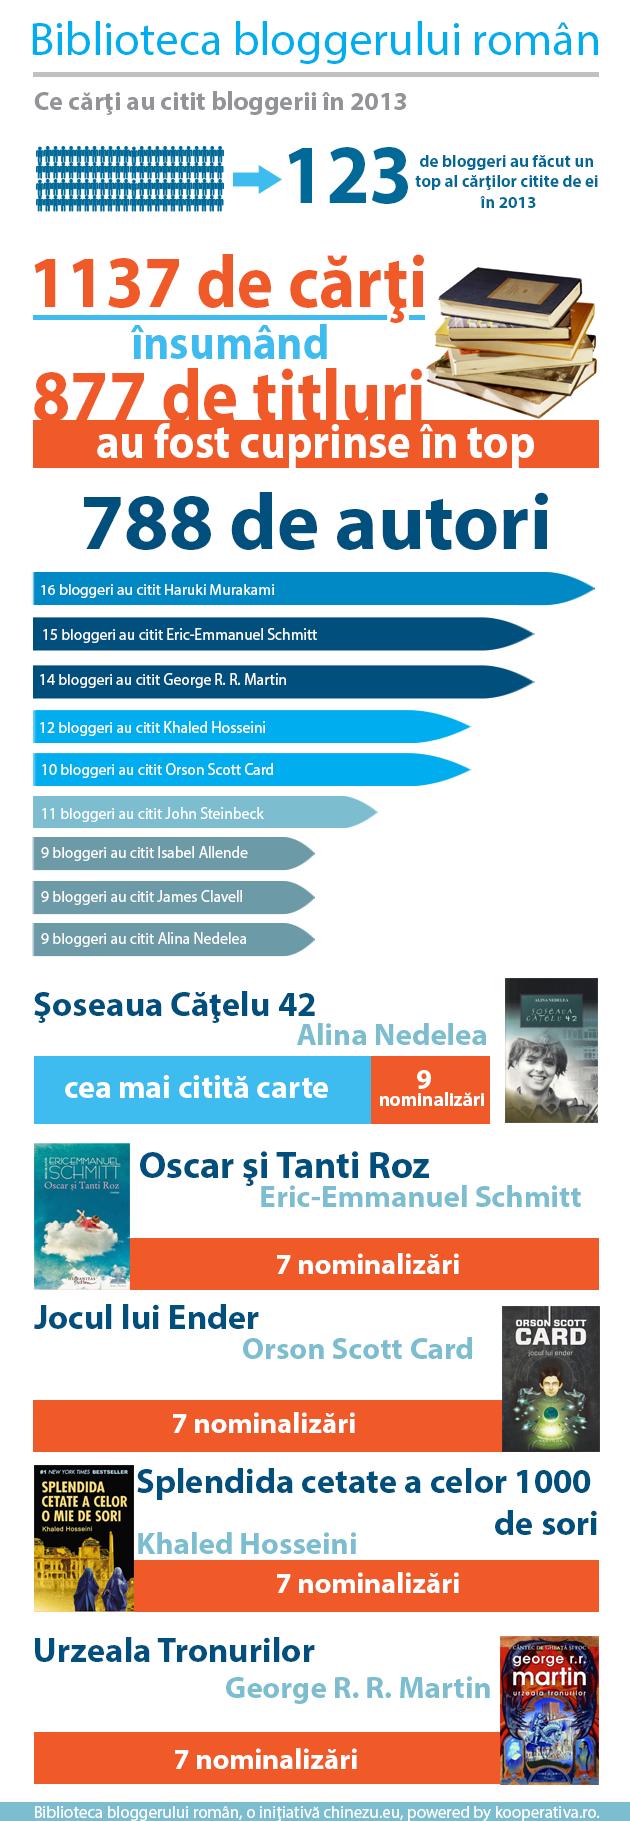 biblioteca bloggerului roman